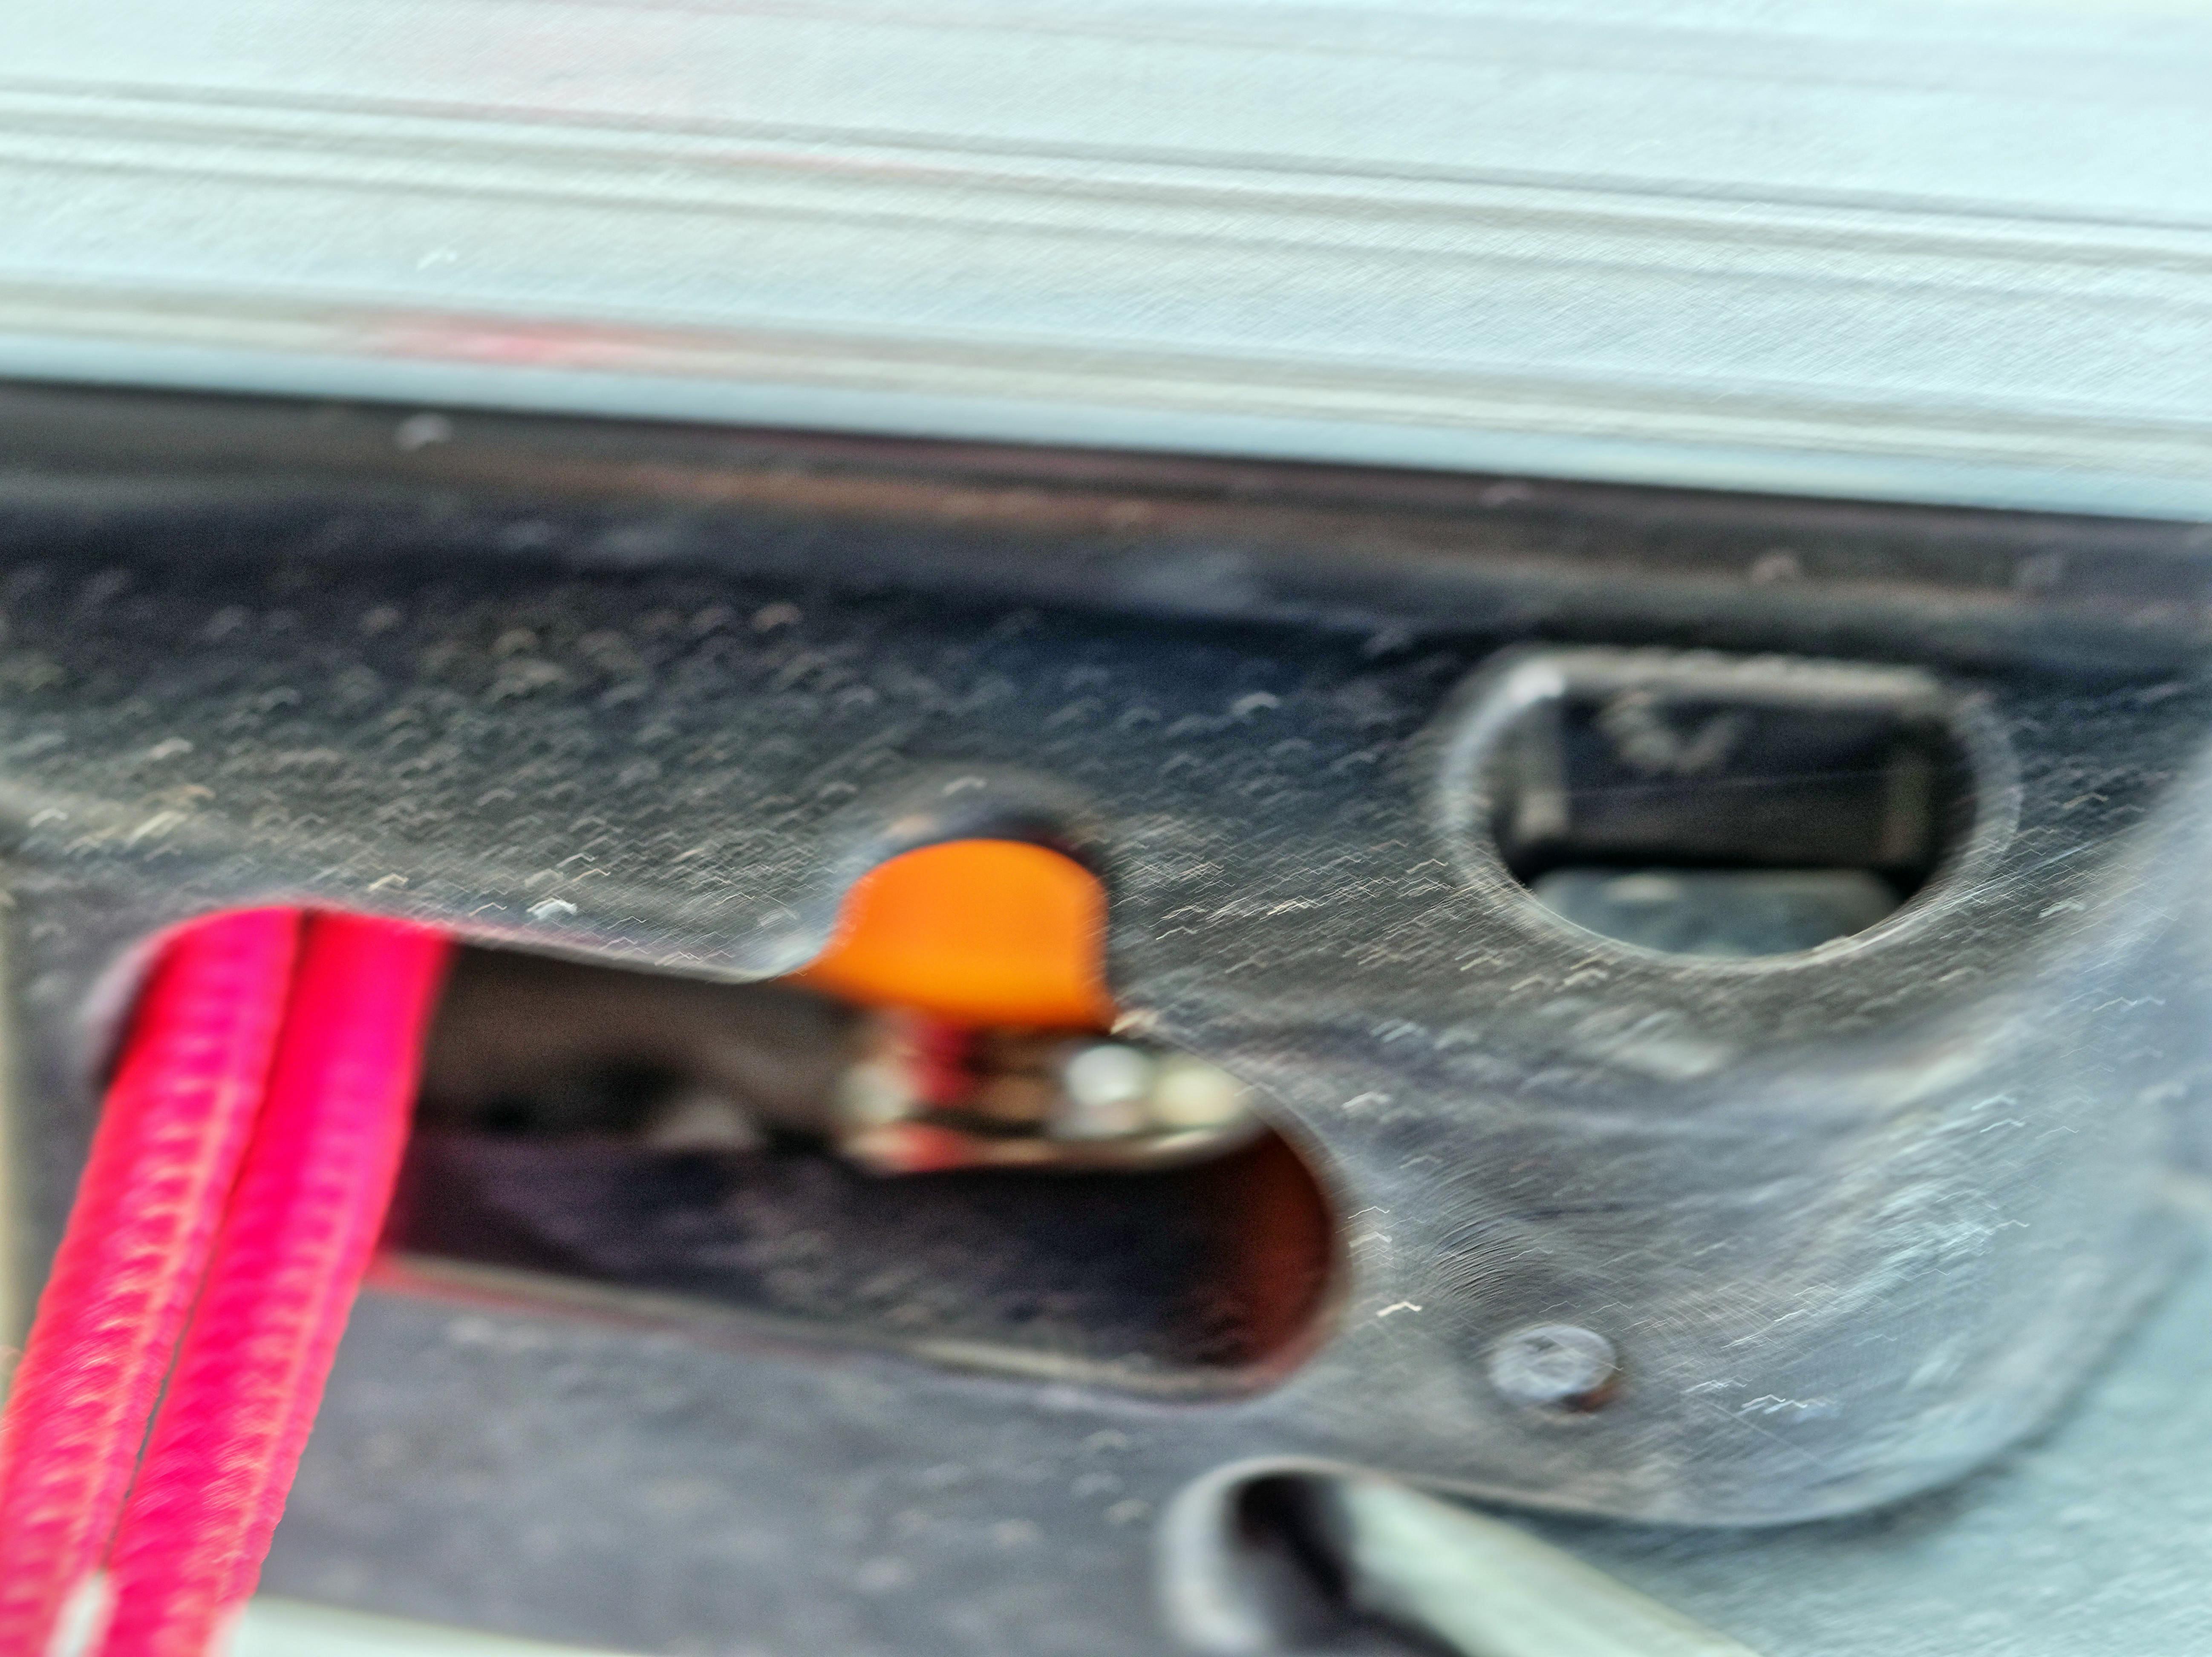 This should be Door-opener-6.jpeg.  Is it missing?